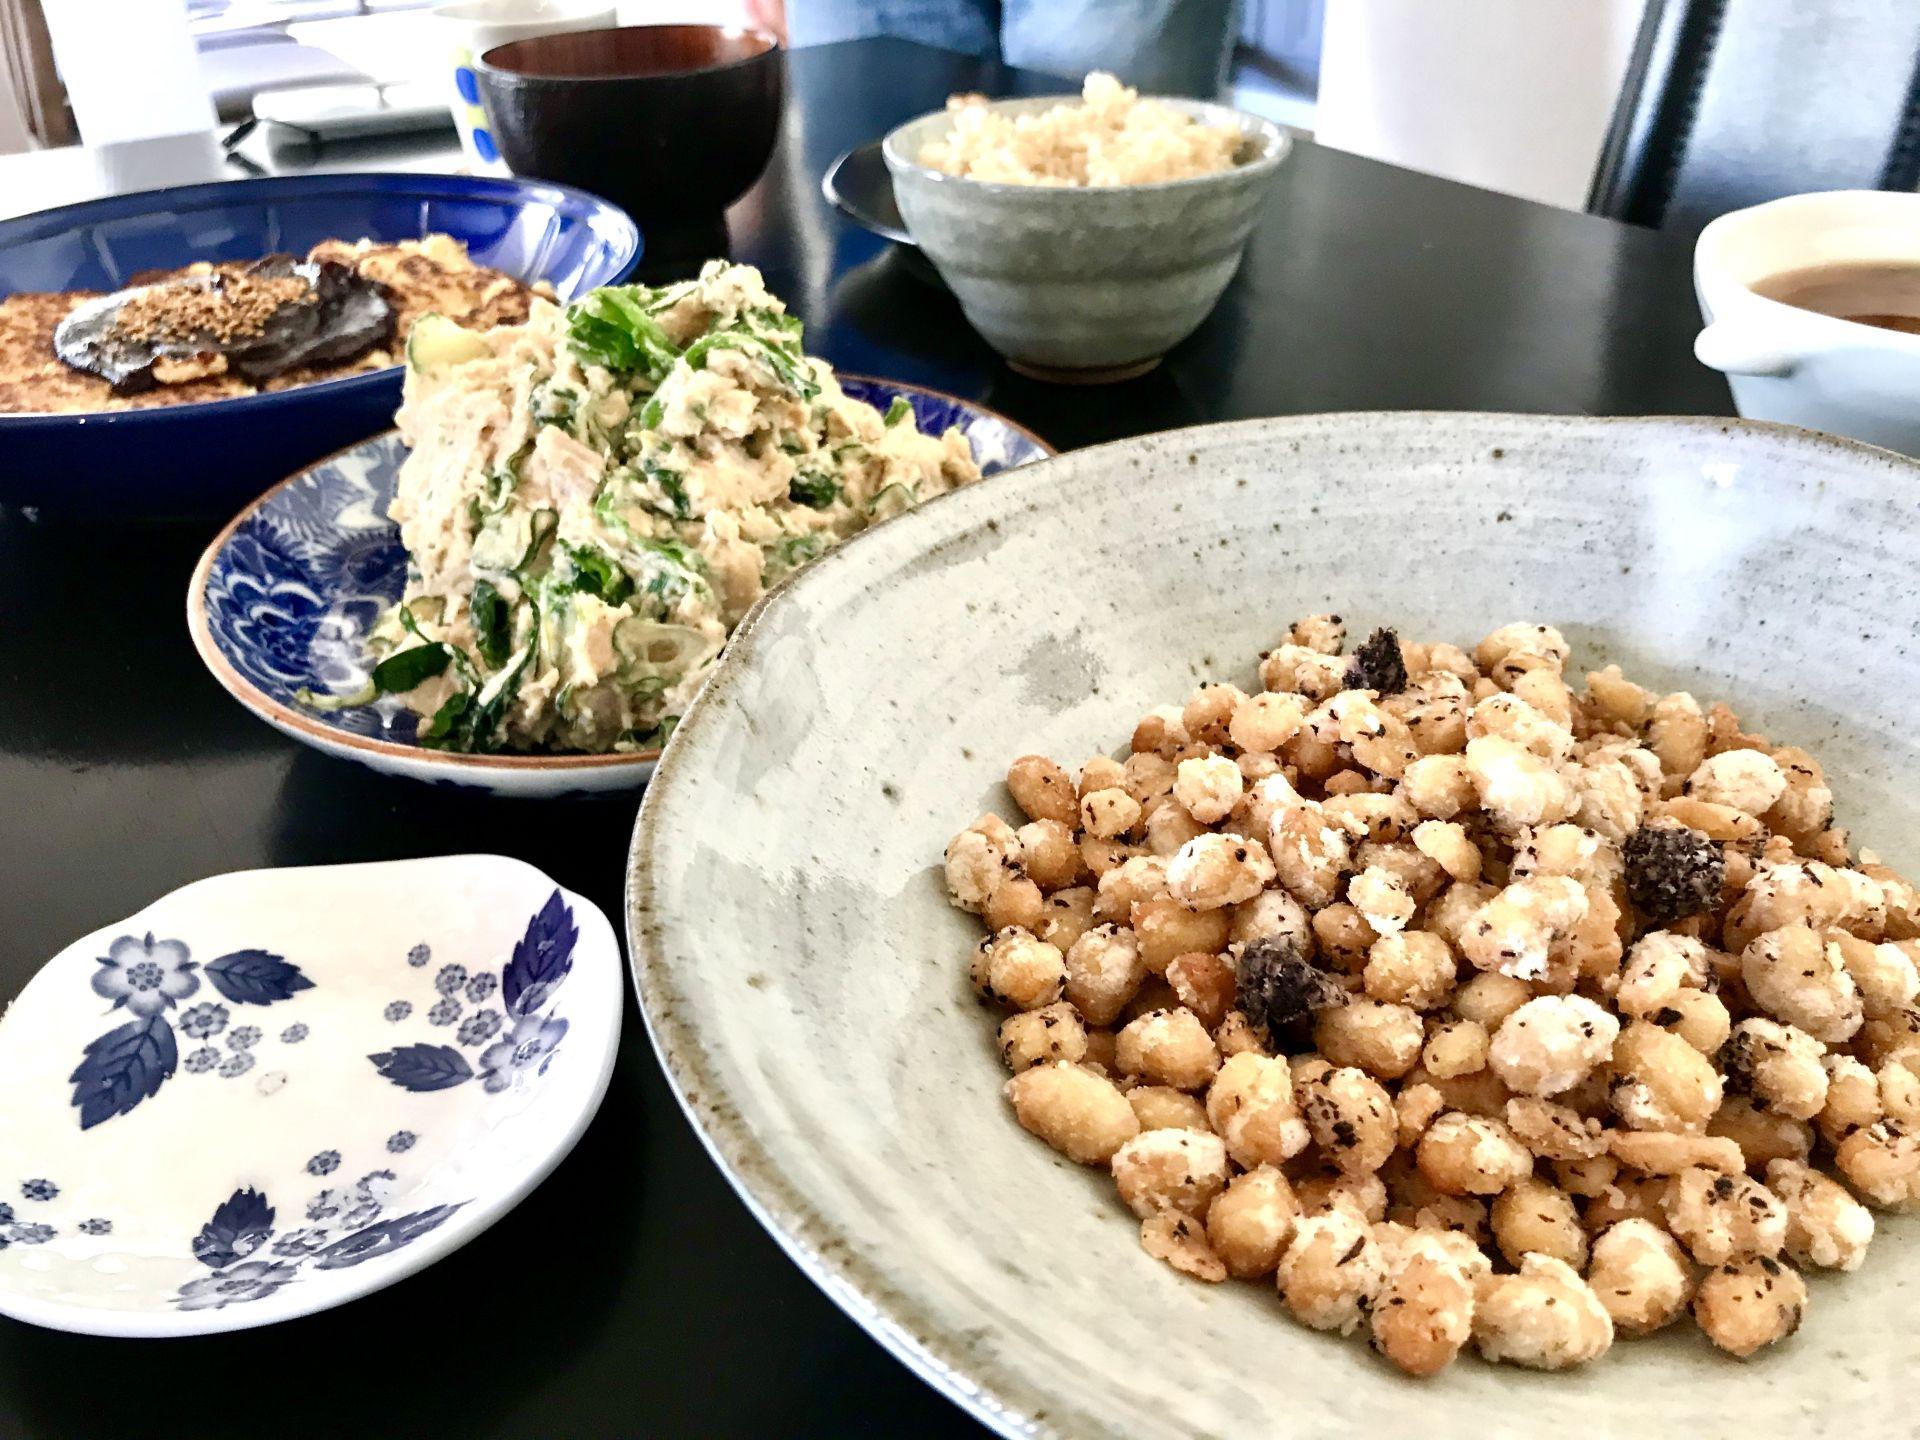 右手前:大豆の唐揚げ 中央:大豆サラダ 左奥:大豆田楽